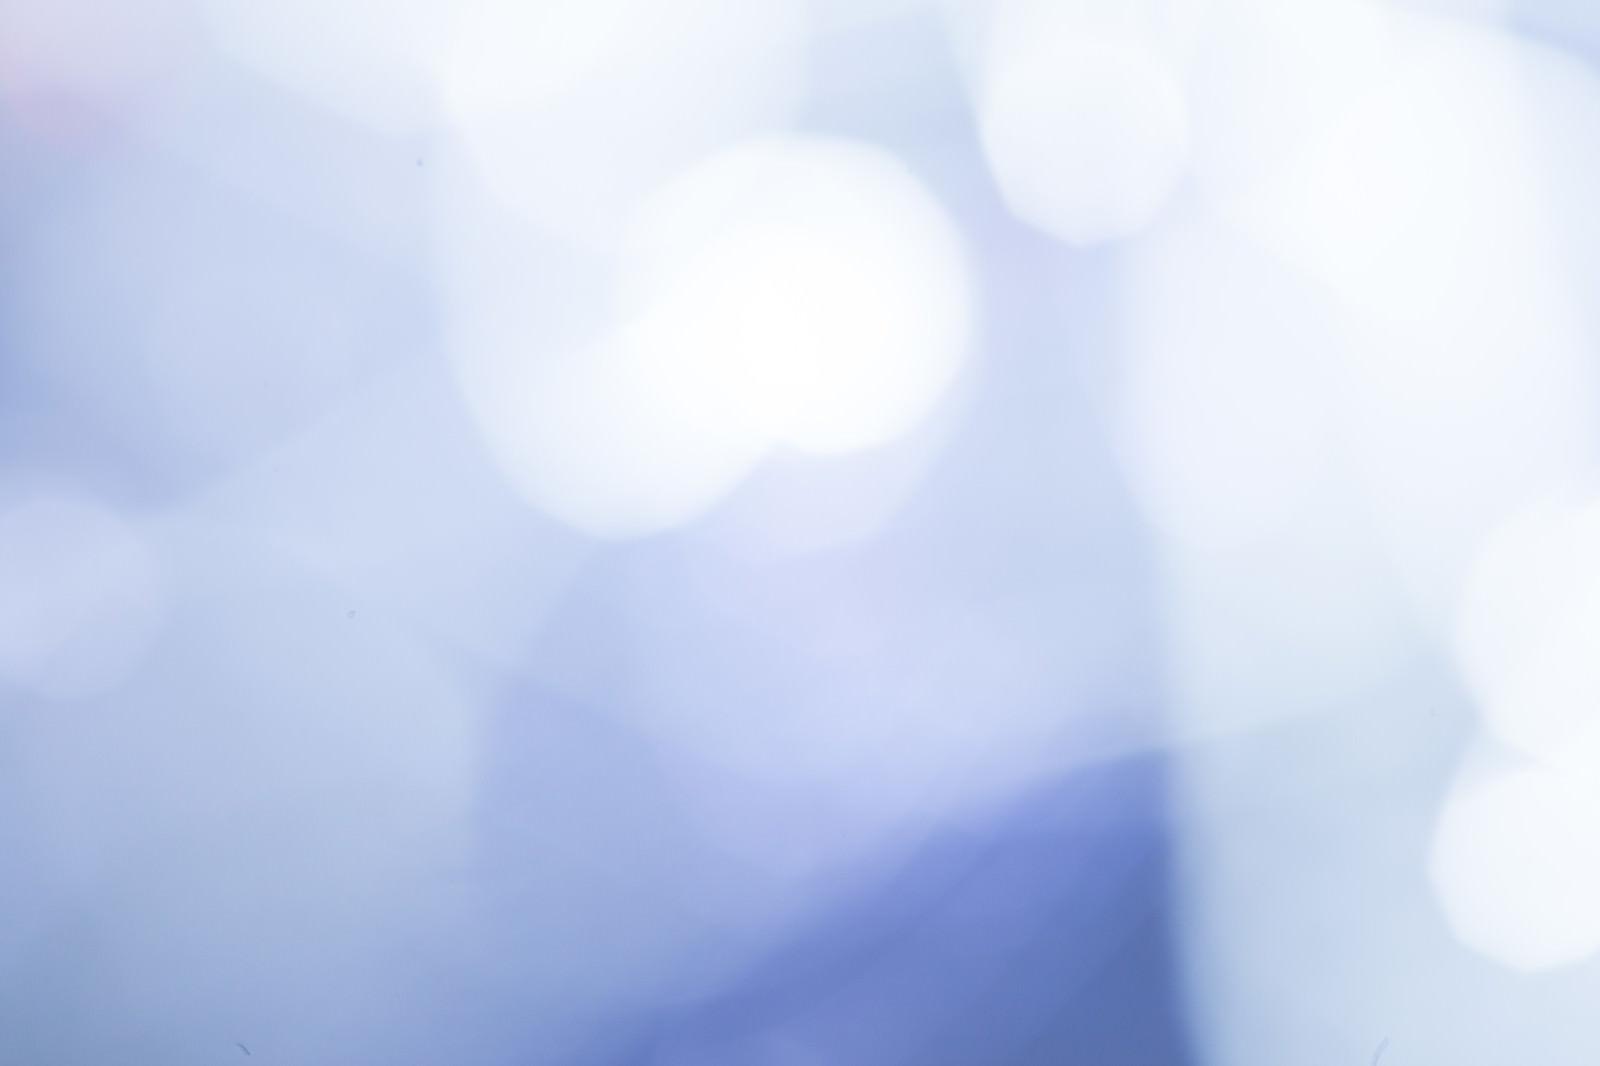 「寒色の光ボケ」の写真